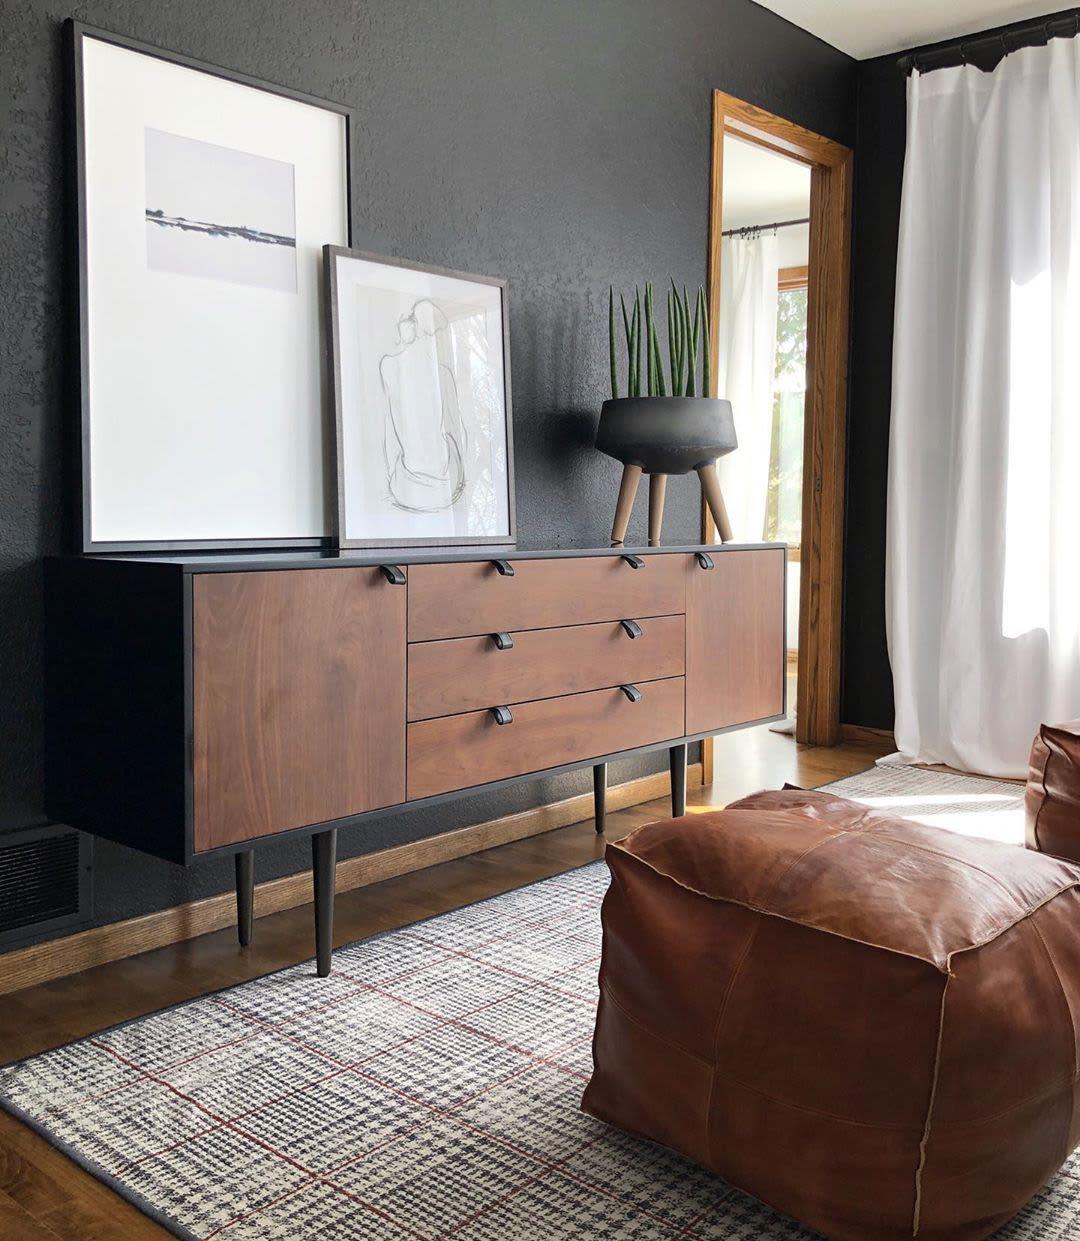 Sleek chestnut cabinet